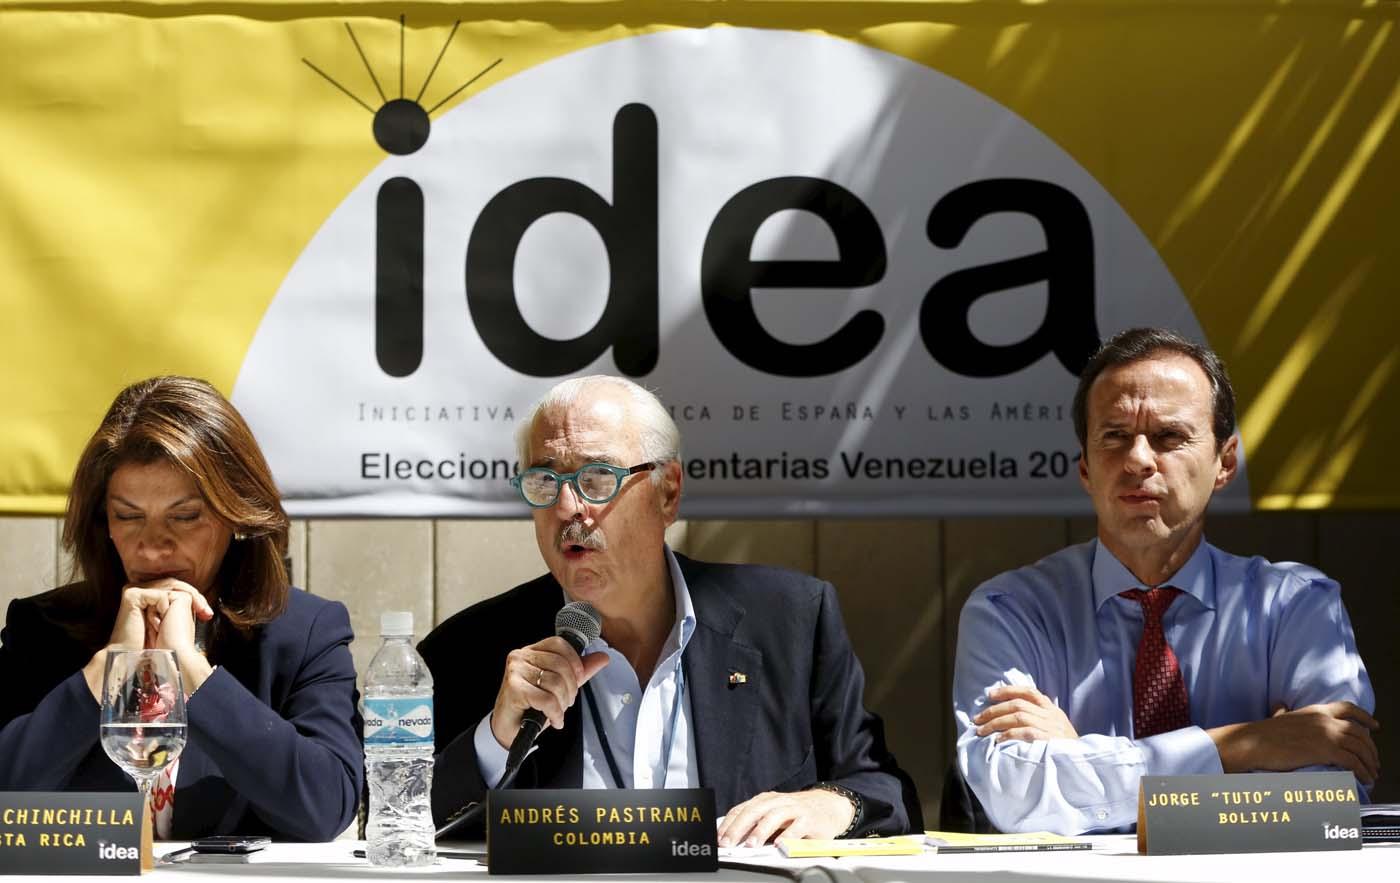 Declaración de la Iniciativa Democrática de España y las Américas (IDEA- Democrática) - Orbi News